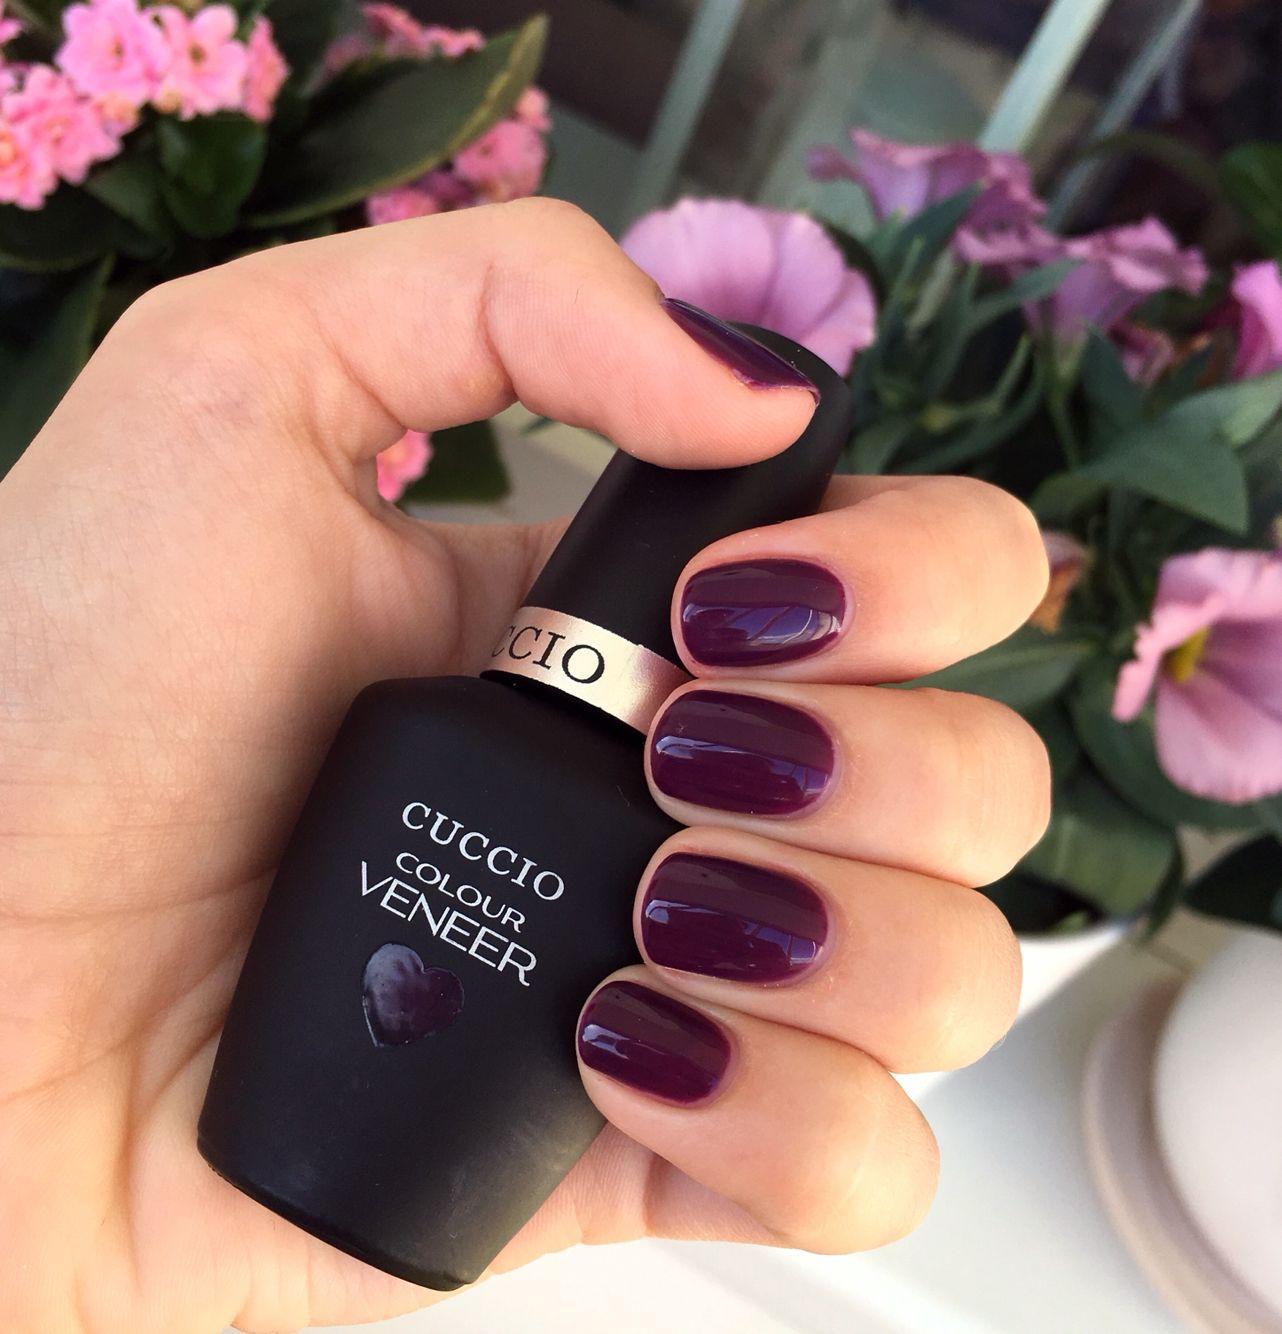 Cuccio Colour Veneer Gel Playing In Playa Del Carmen Cuccio Nails Gel Manicure Gel Polish Colors